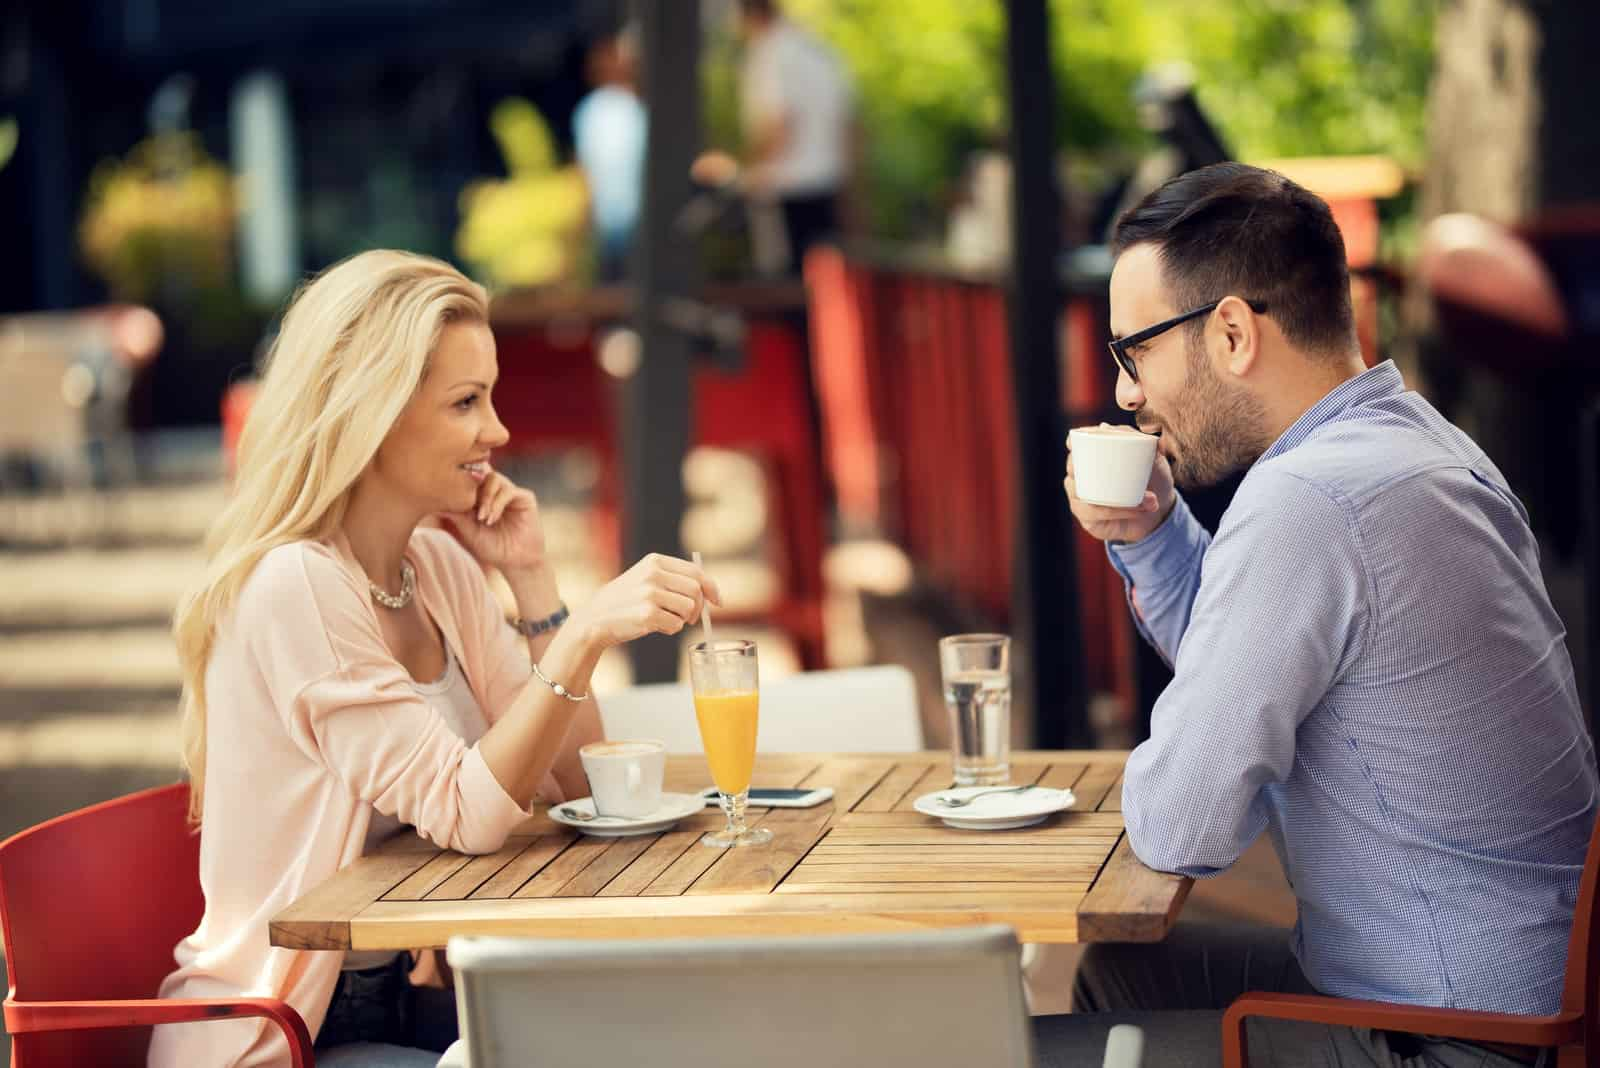 un homme souriant et une femme s'asseoir et boire du café